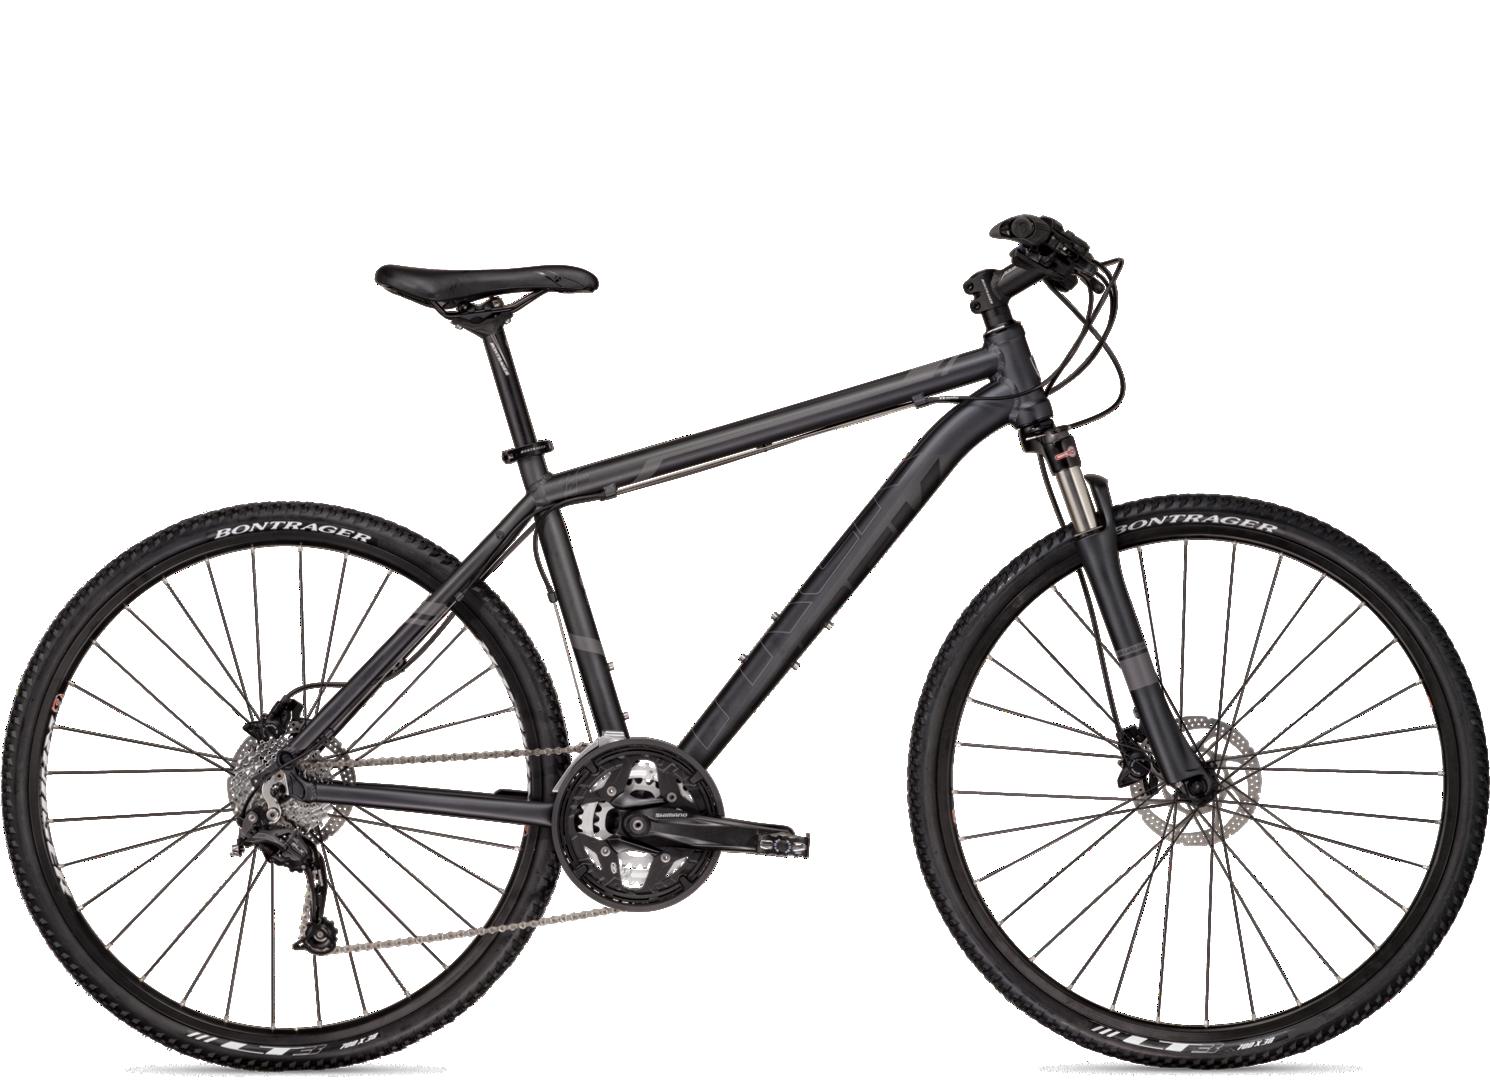 El topic de la bicicleta de montaña (mtb/btt) 14997?wid=1490&hei=1080&fit=fit,1&fmt=png-alpha&qlt=80,1&op_usm=0,0,0,0&iccEmbed=0